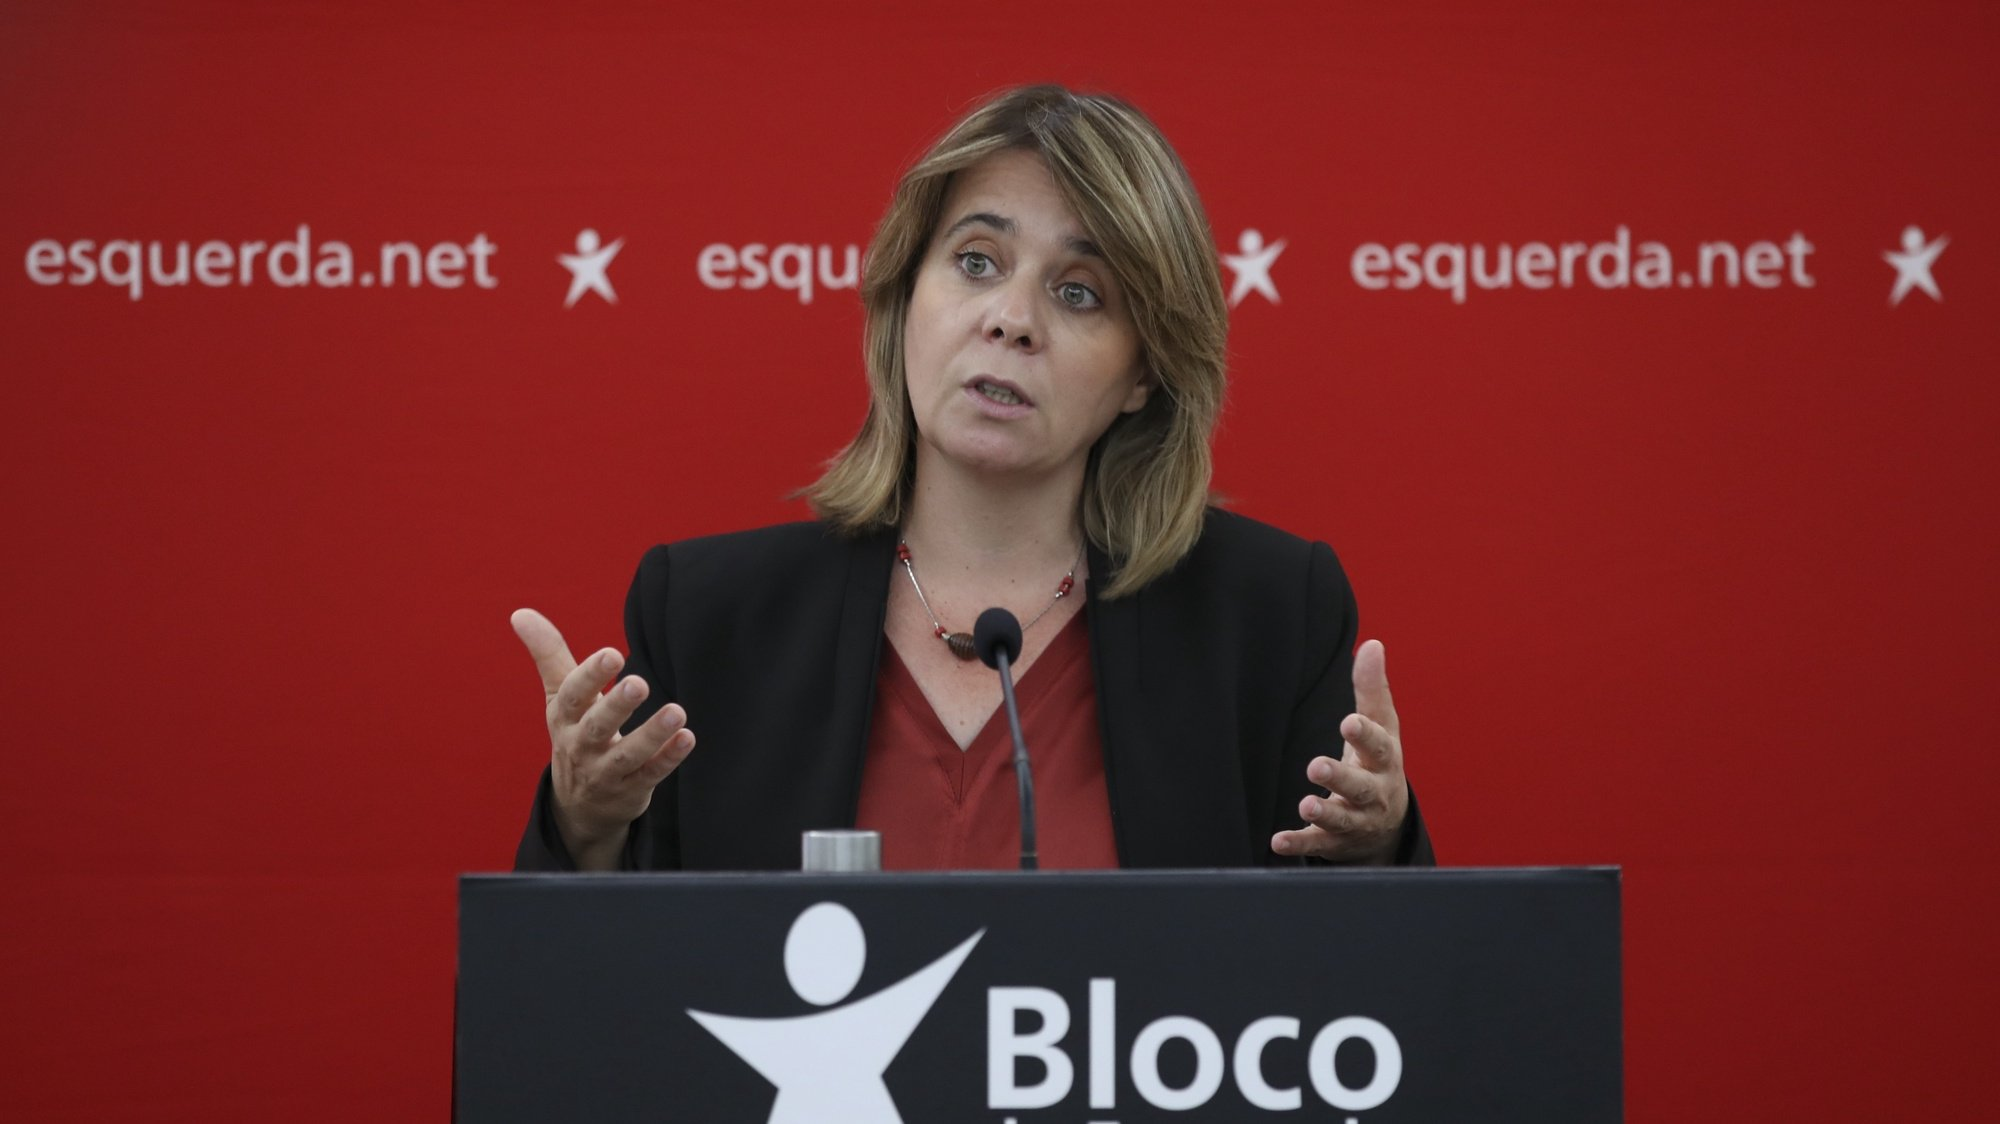 Catarina Martins, coordenadora do Bloco de Esquerda (BE), fala aos jornalistas em conferência de imprensa na sede daquele partido, 27 setembro 2021, em Lisboa.    MANUEL DE ALMEIDA / LUSA